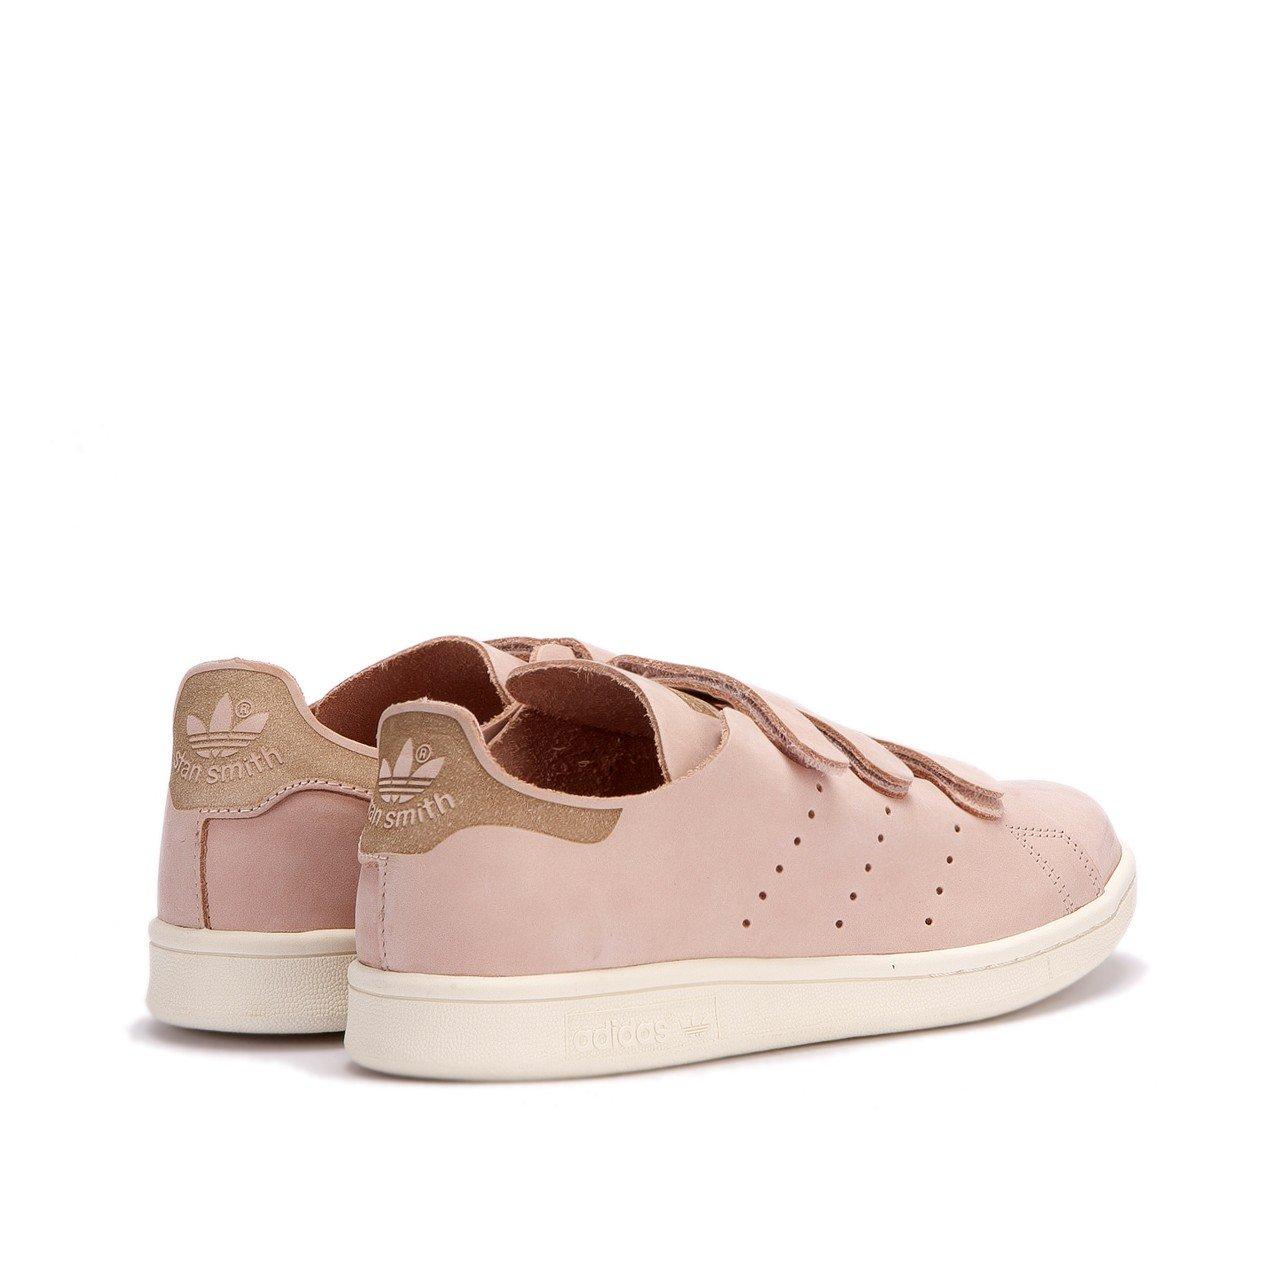 2d076c5098cf Vente en gros adidas stan smith op cf vapour pink Pas cher ...